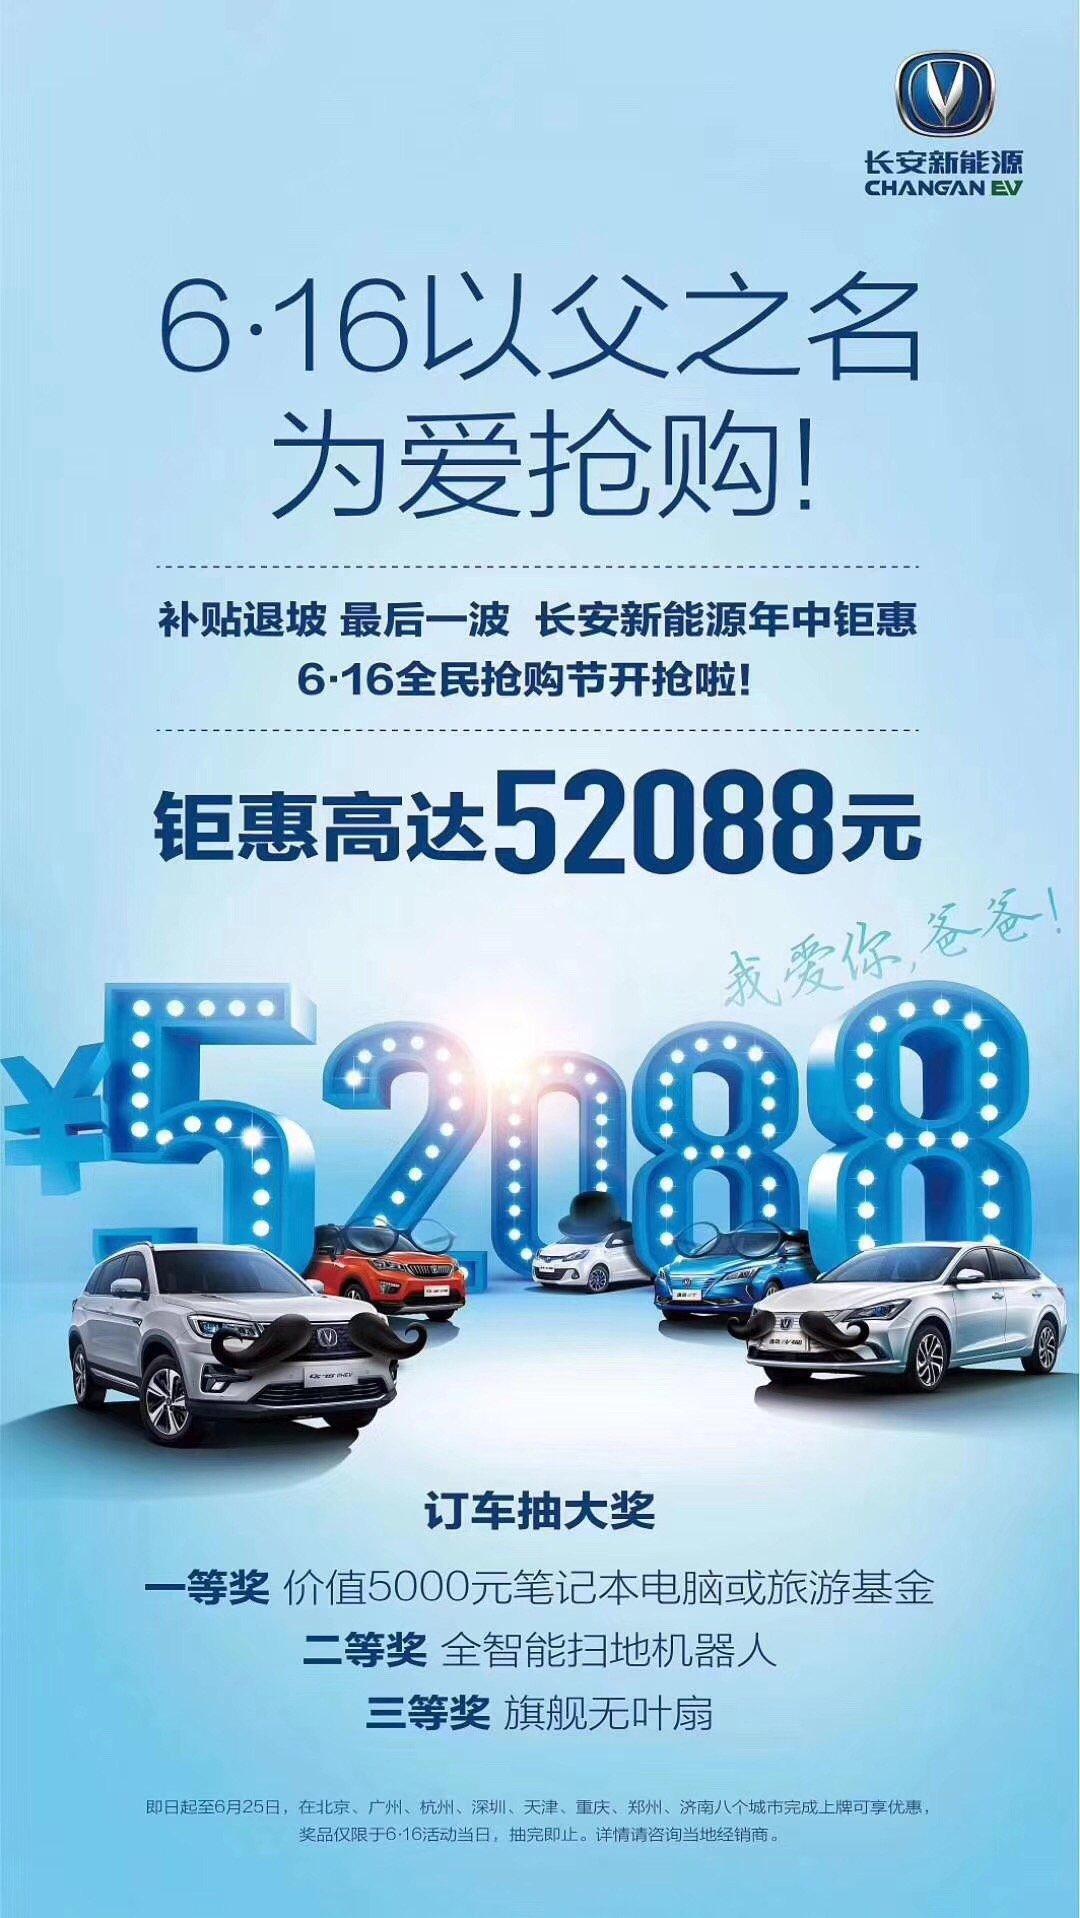 错过了重庆车展的最高优惠?不要紧!长安新能源6.16火热来袭!什么